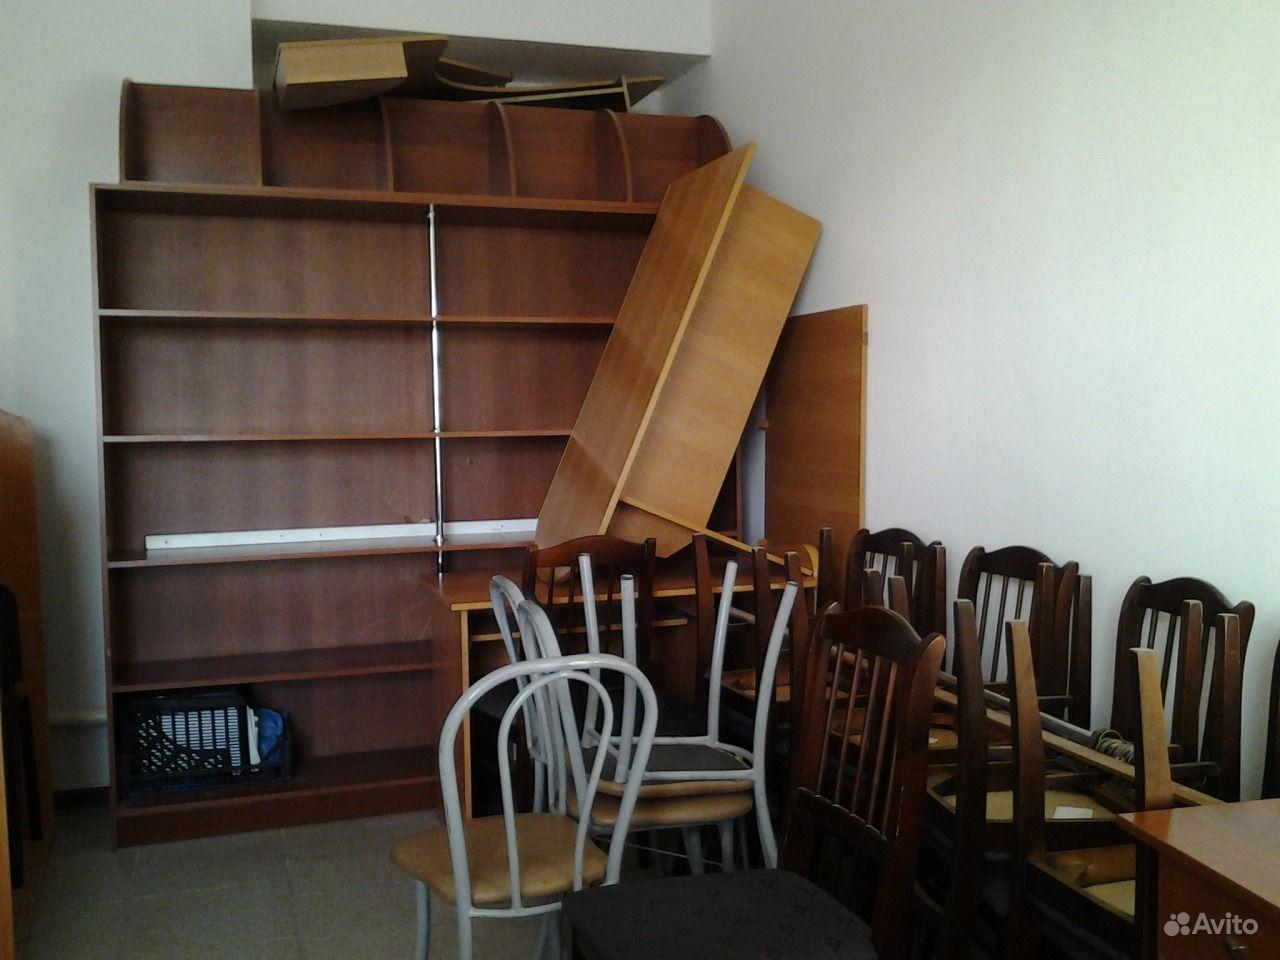 Б у - Журнальные столики, барные стулья, обеденные